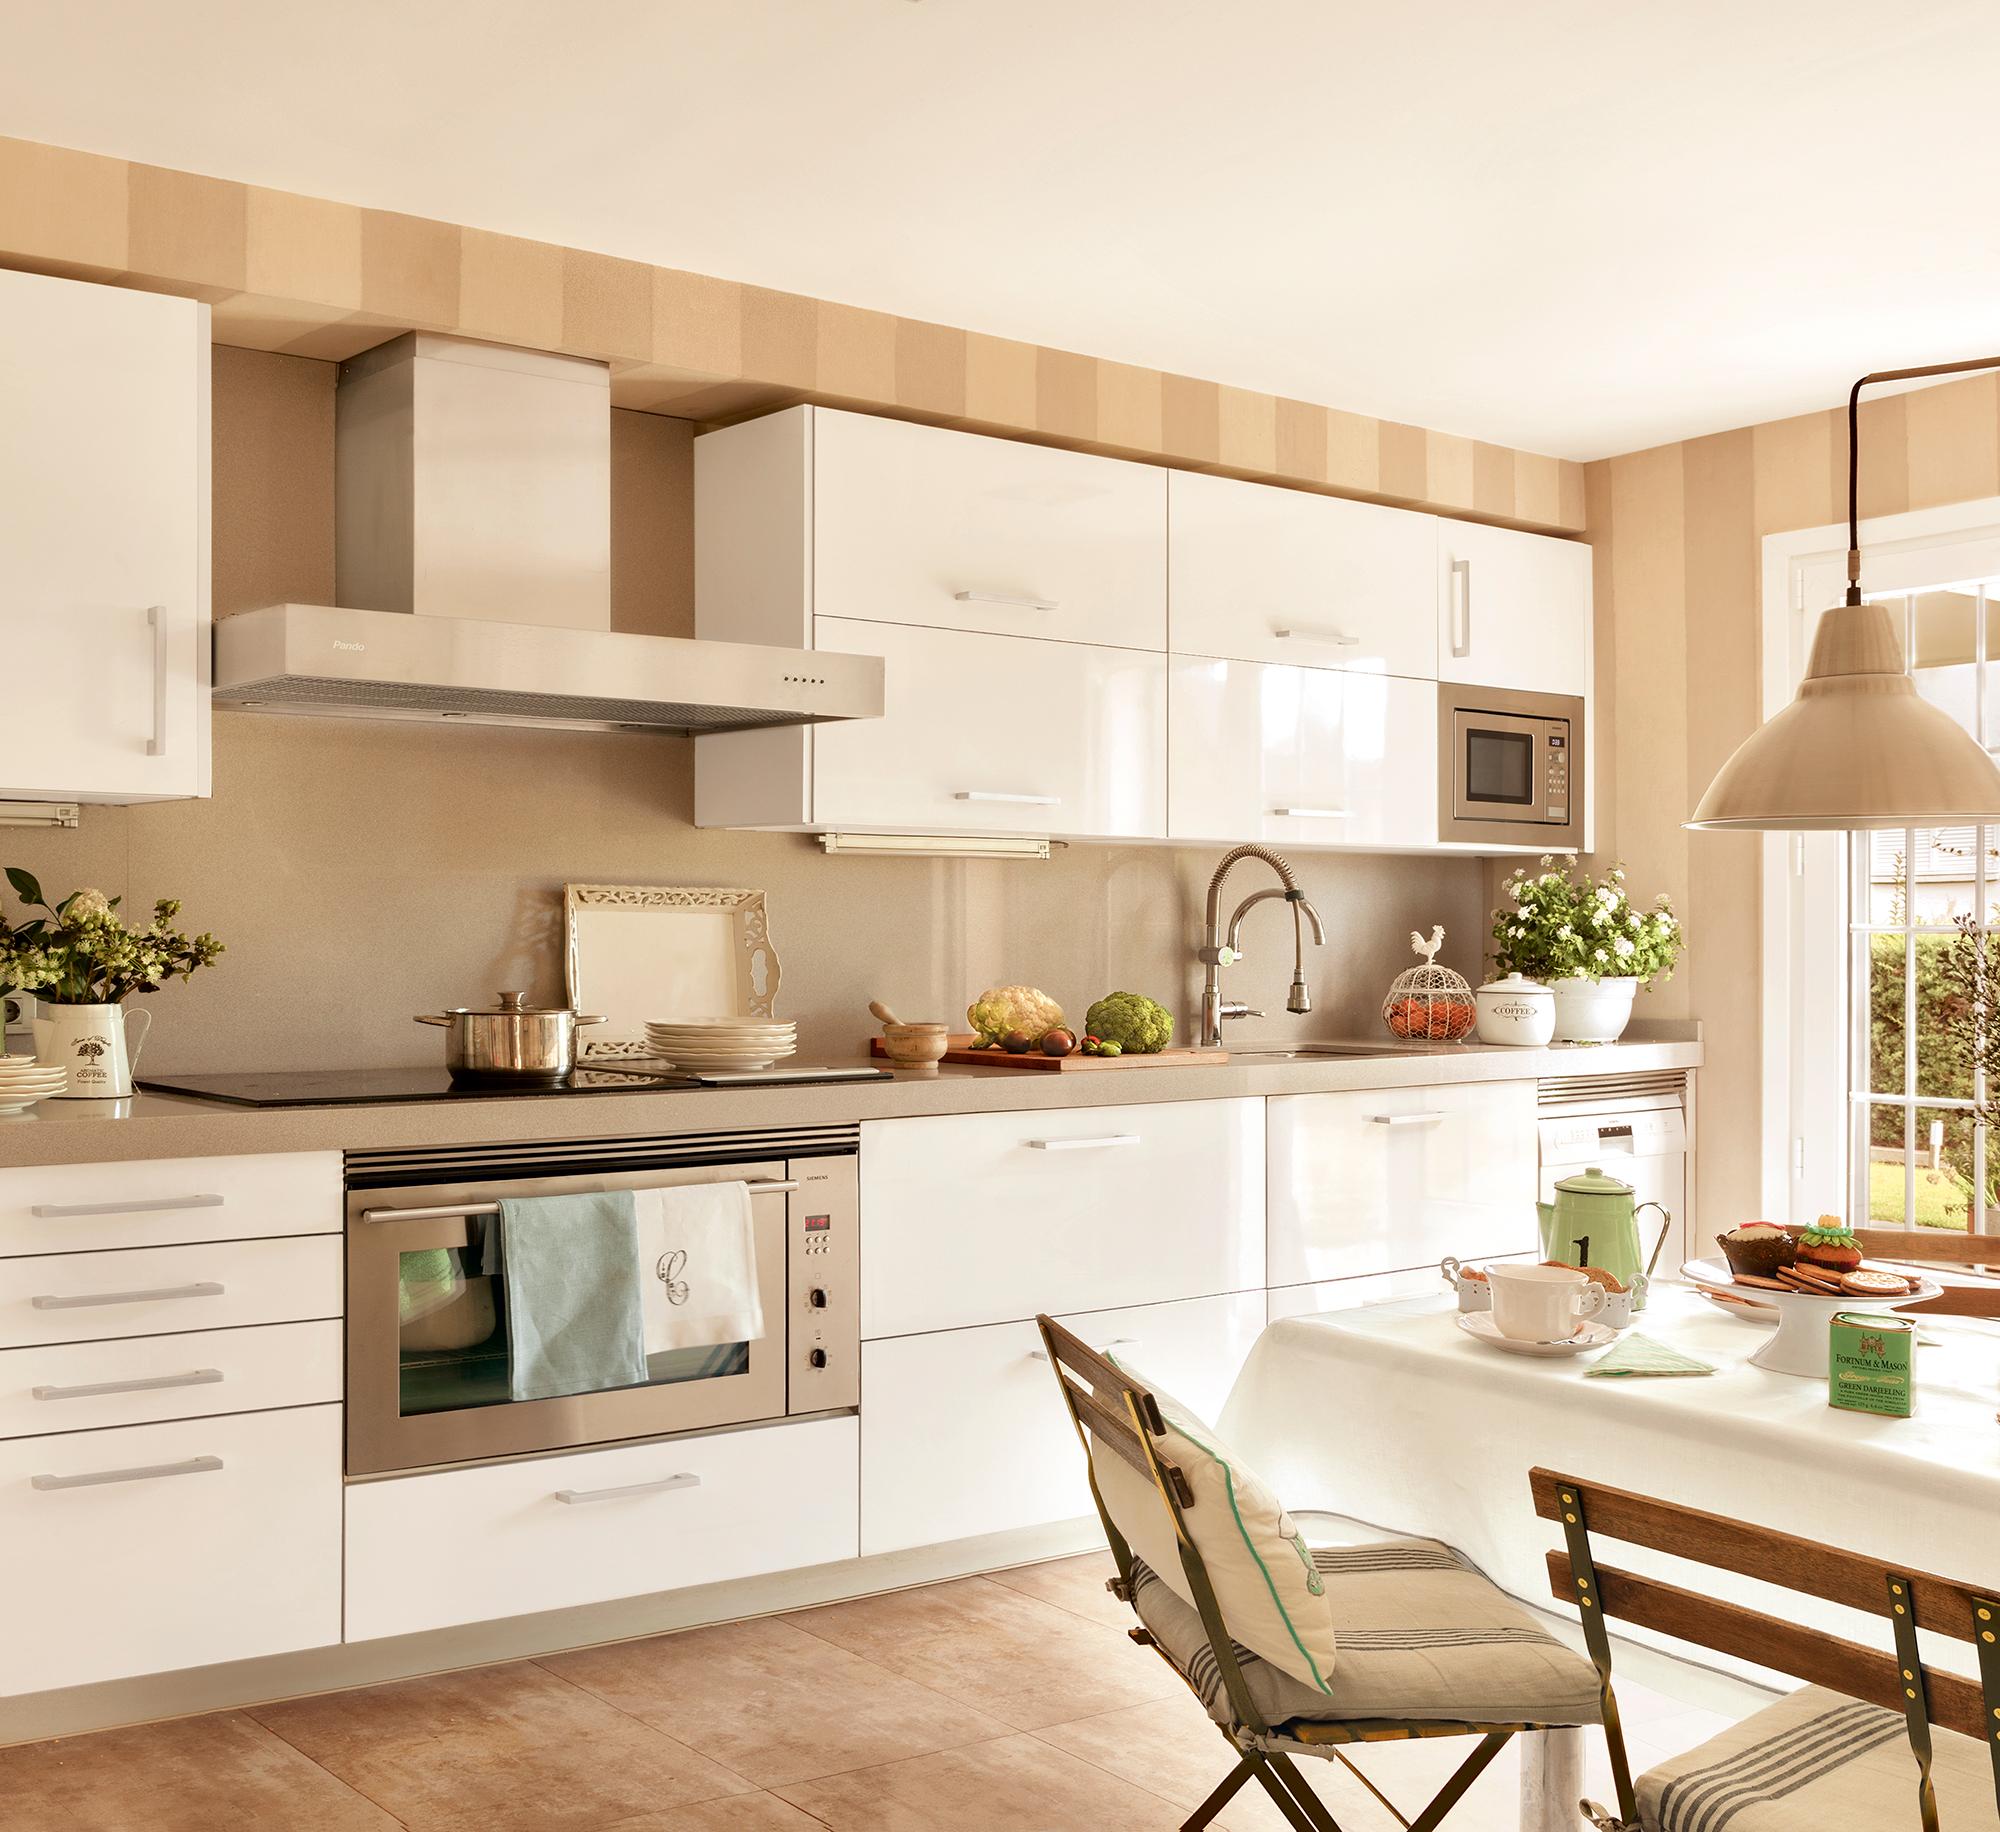 Renueva la zona de fuegos campana horno y placa de cocci n for La cocina moderna y de vanguardia